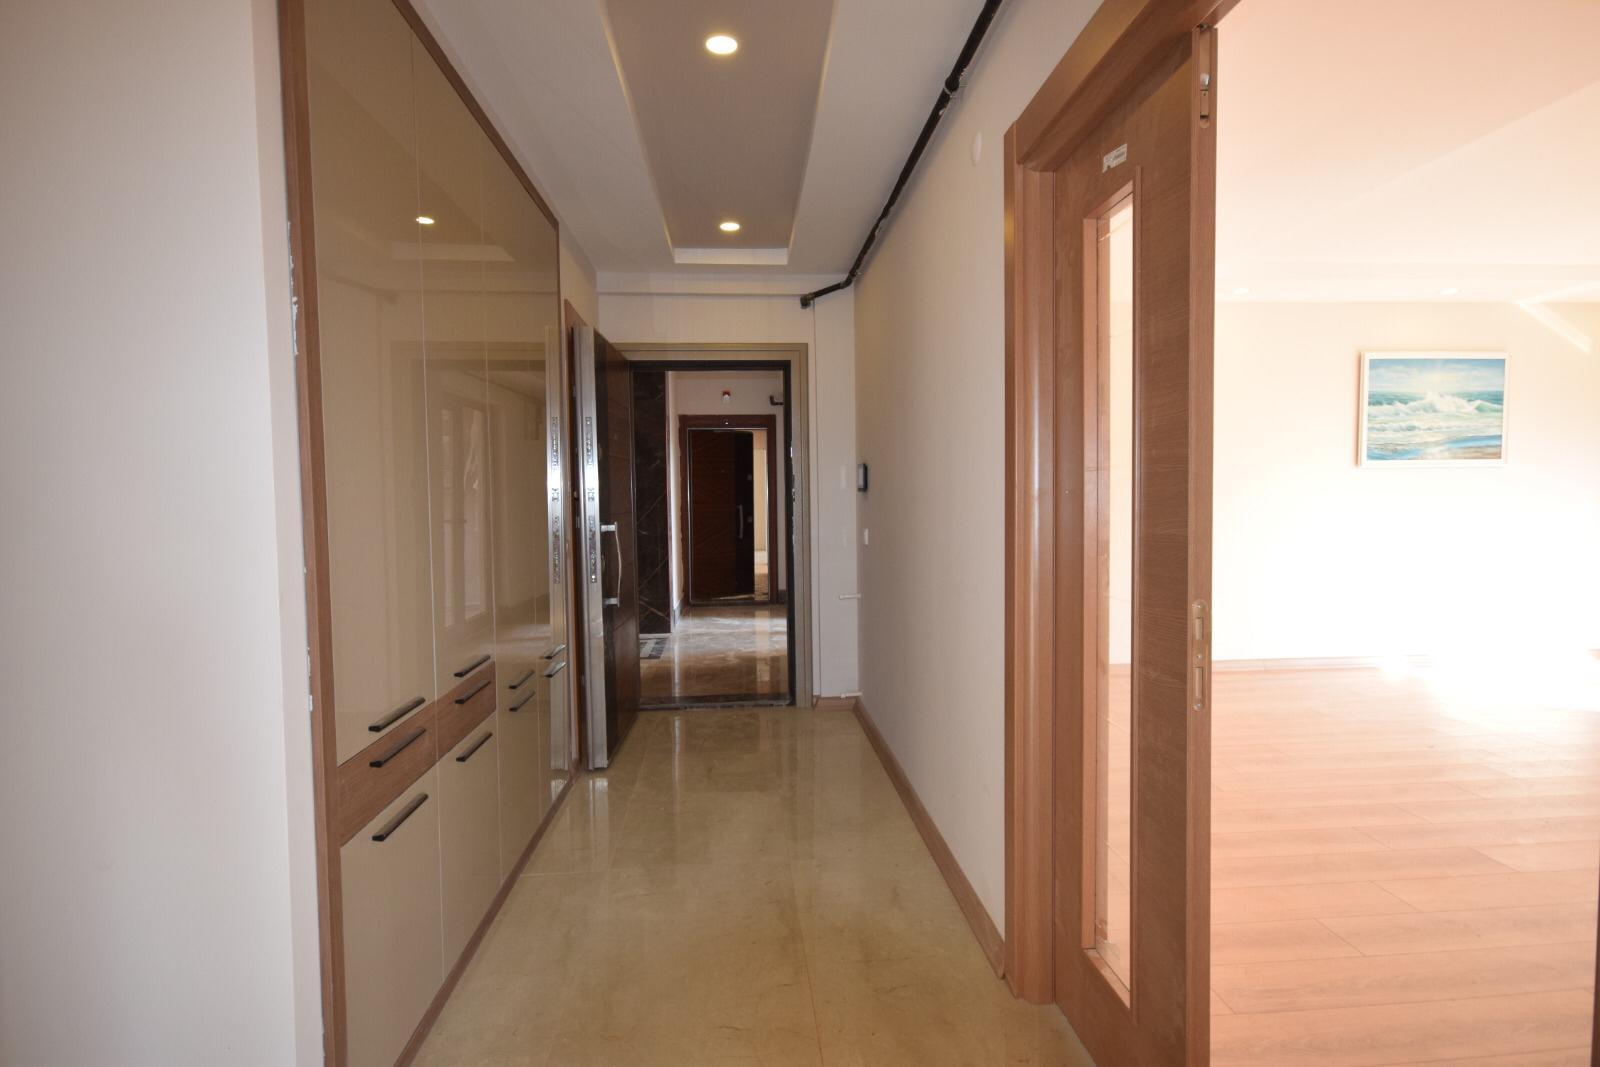 Продаются квартиры в жилом комплексе 3+1 - Фото 16